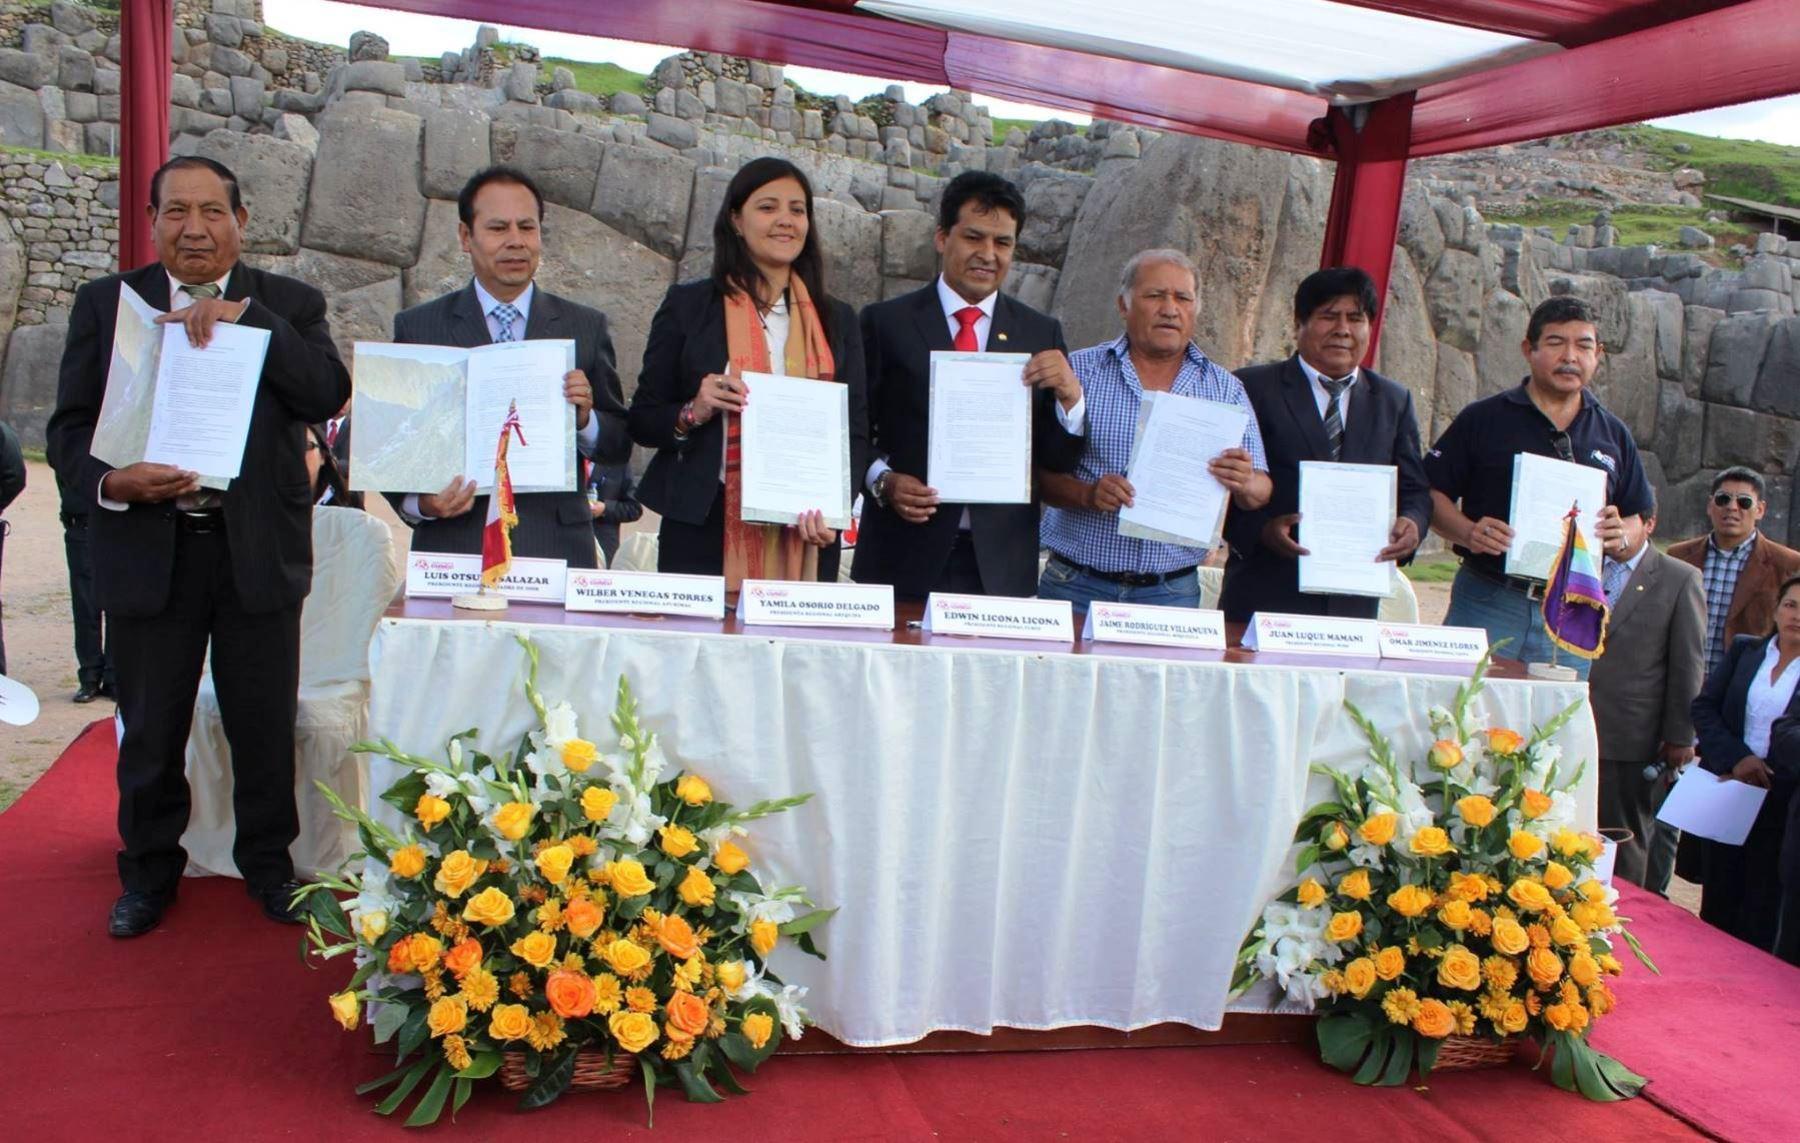 Gobernadores suscriben acta de la Mancomunidad Macrorregión Sur.